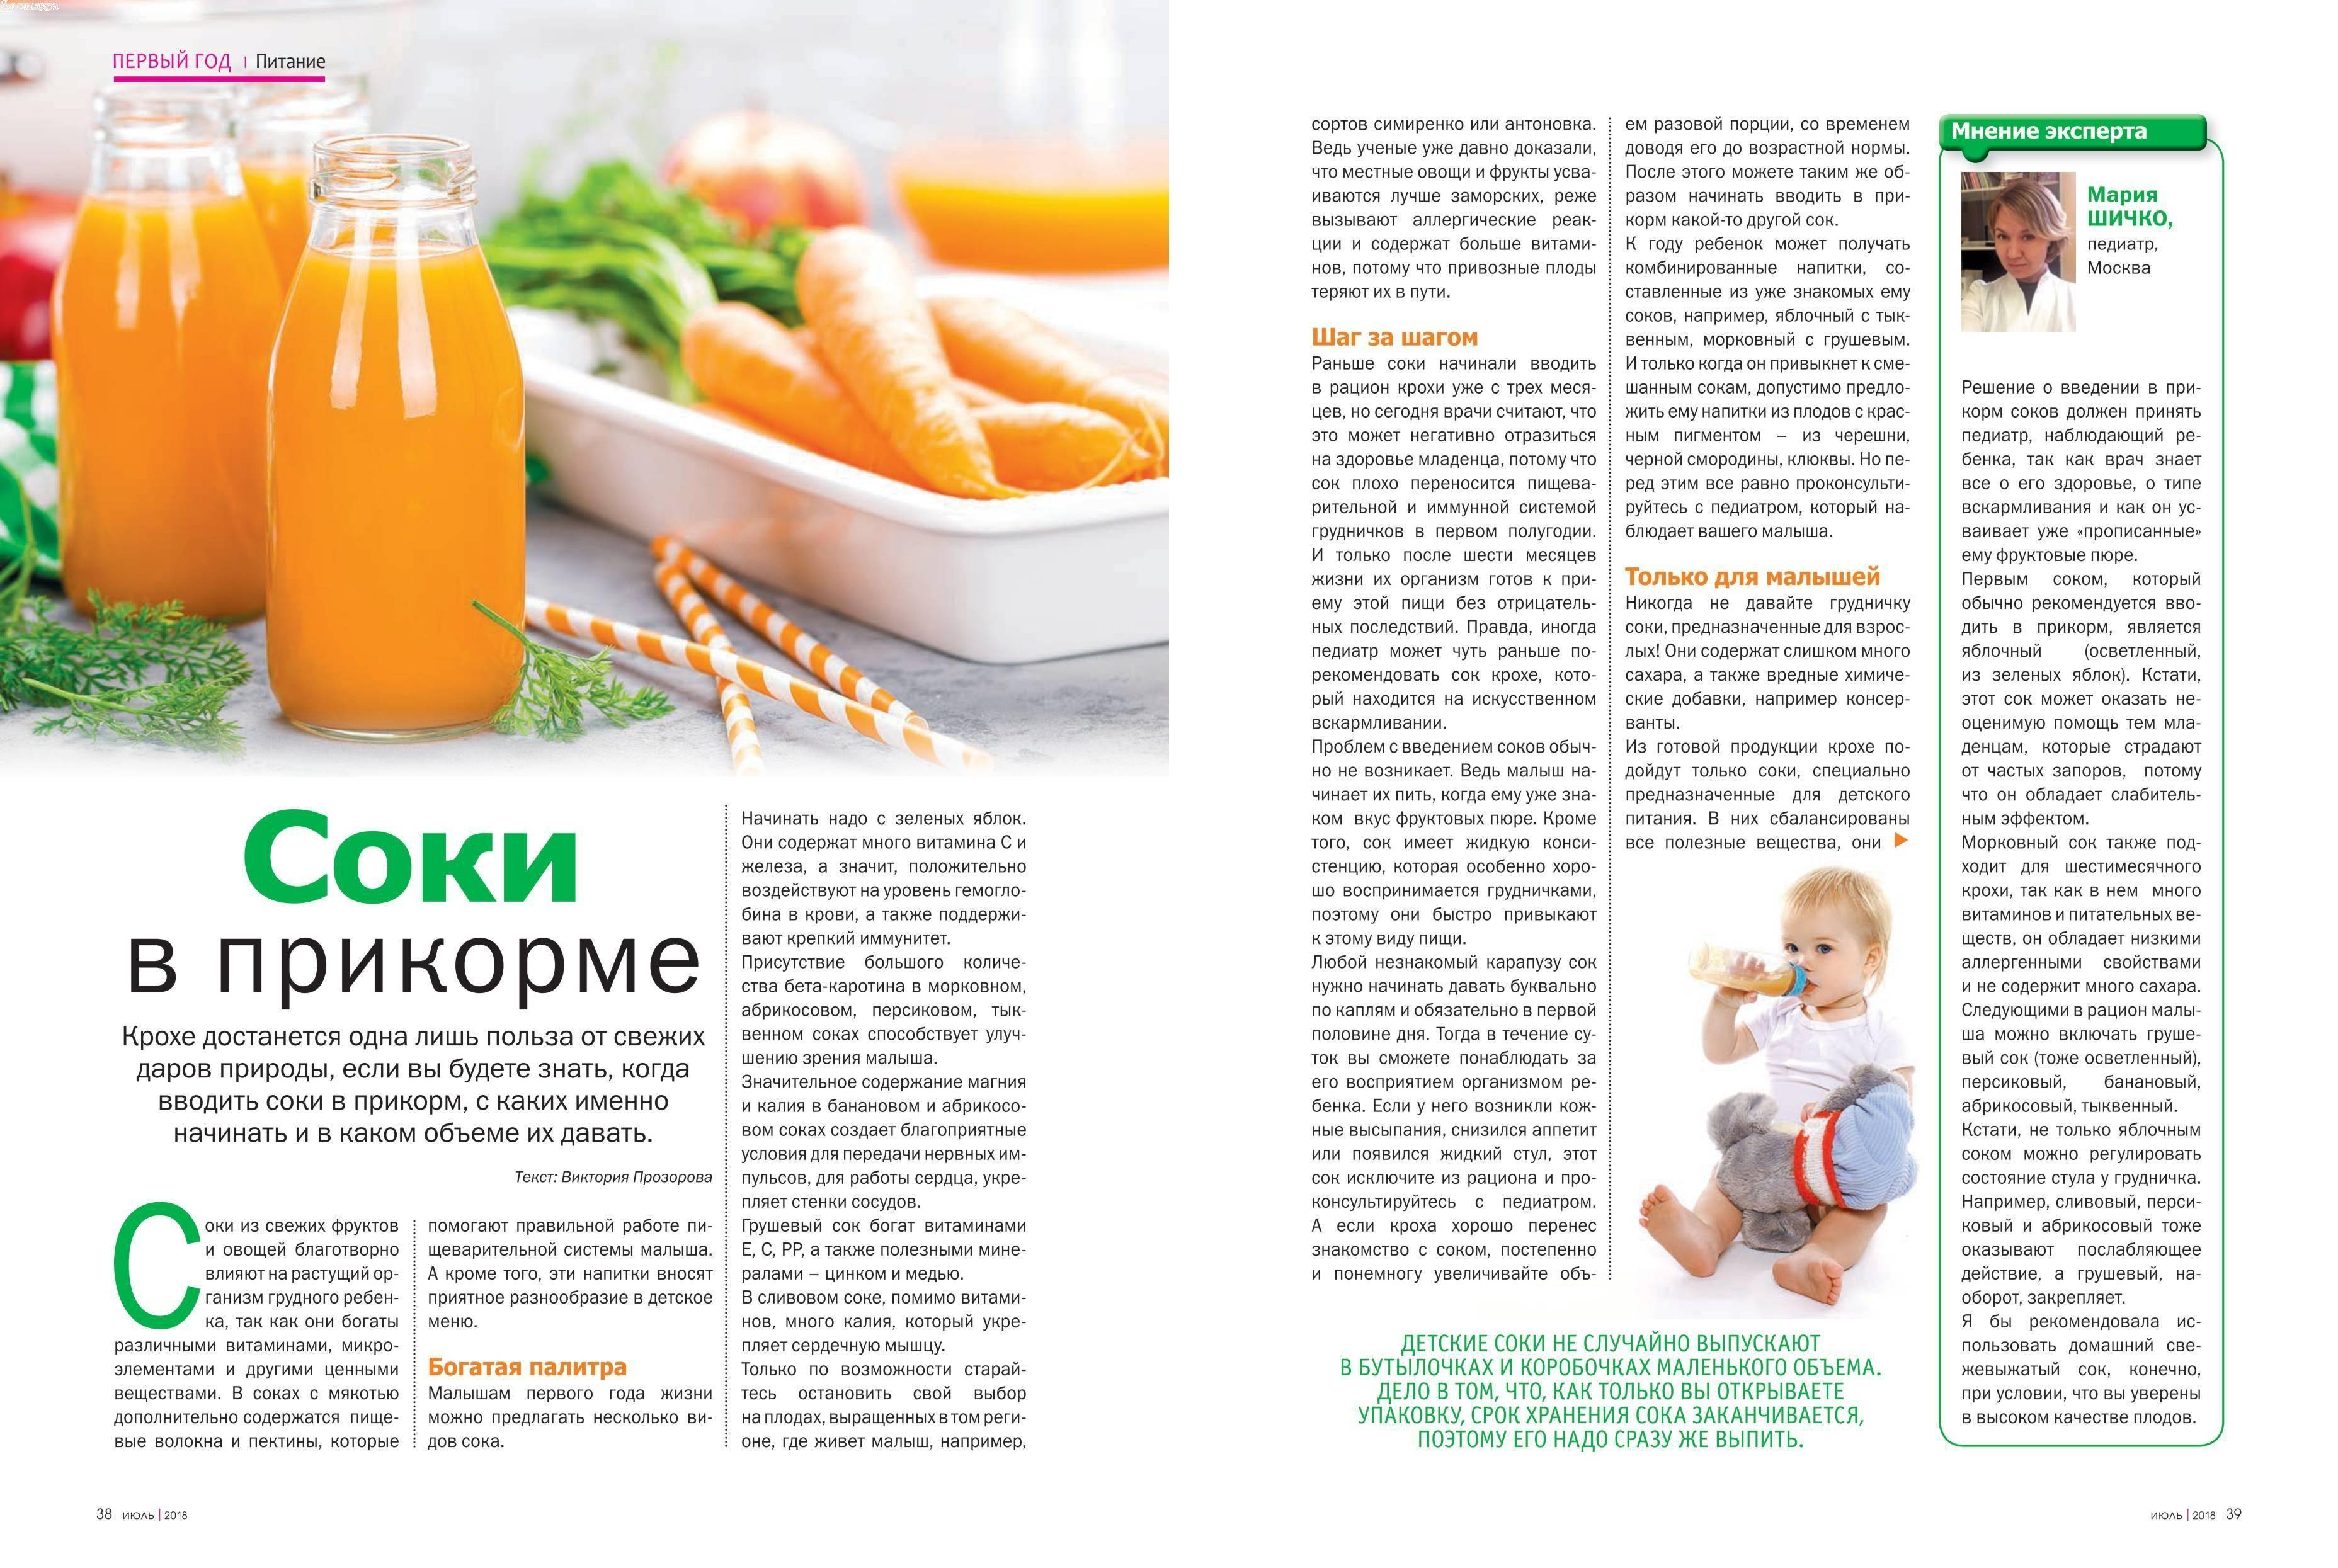 Как вводить сок в прикорм   уроки для мам